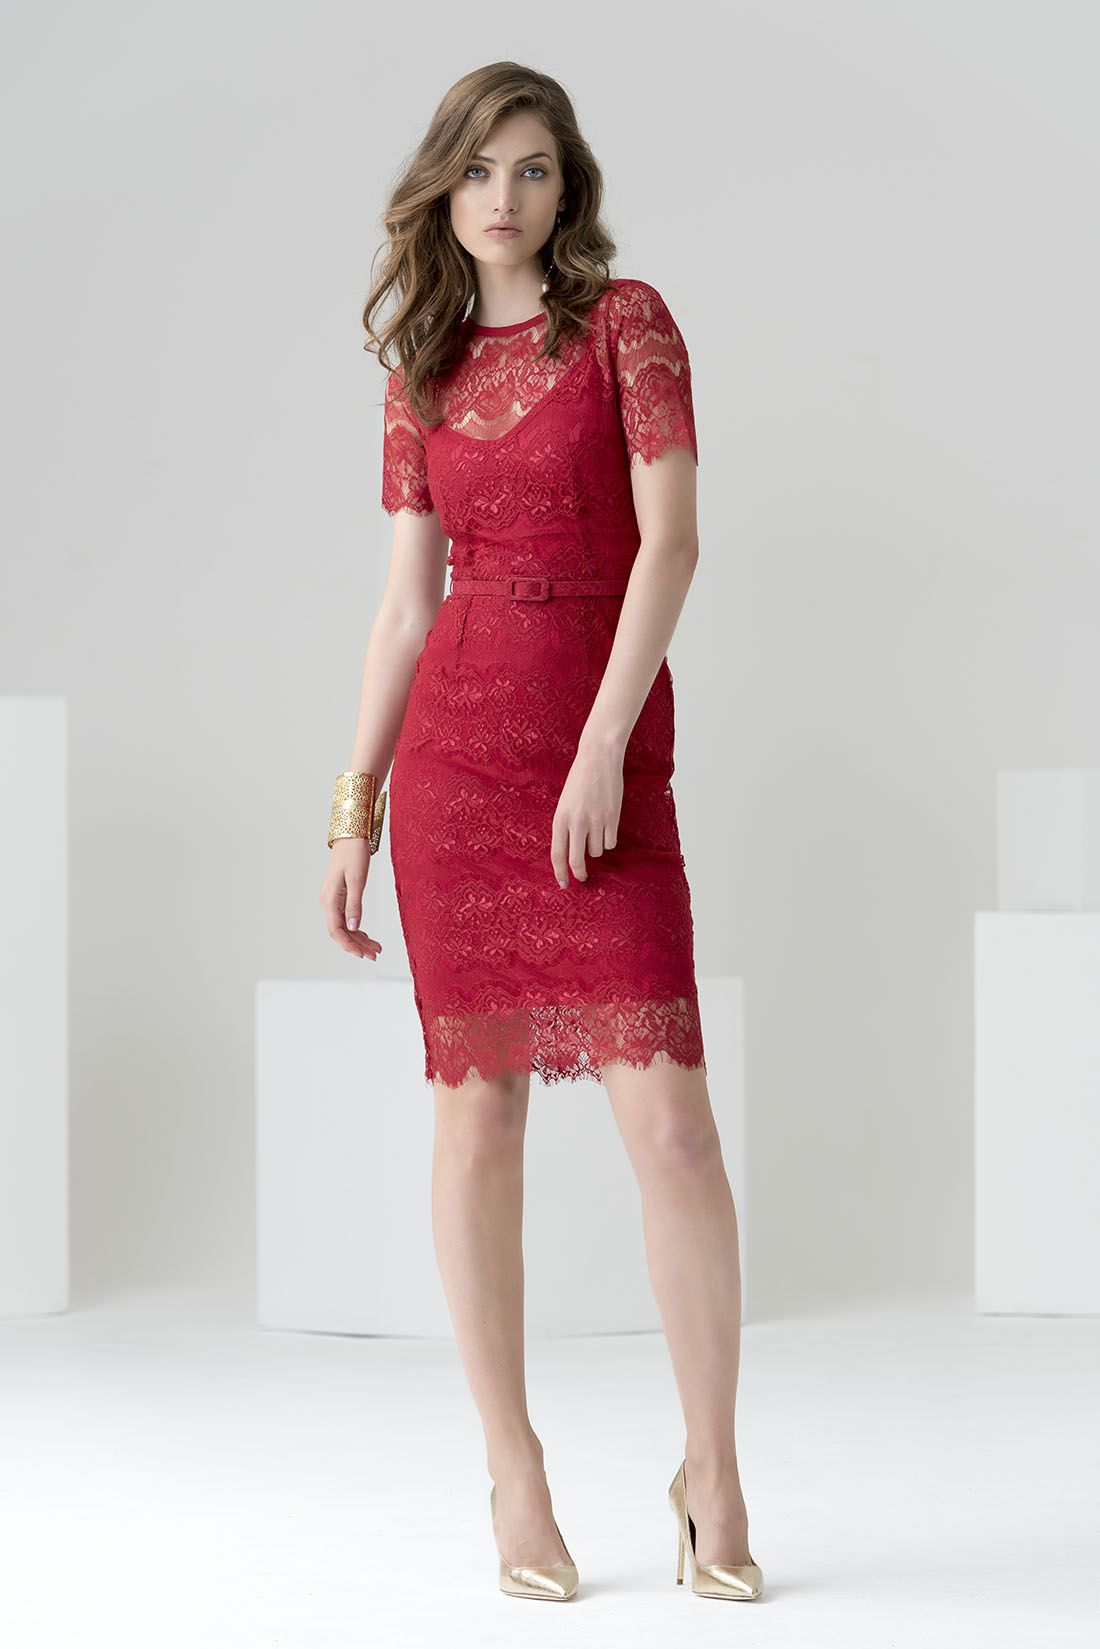 e94d1aea8 Vestido de fiesta corto ajustado de cóctel en color rojo con cinturón.